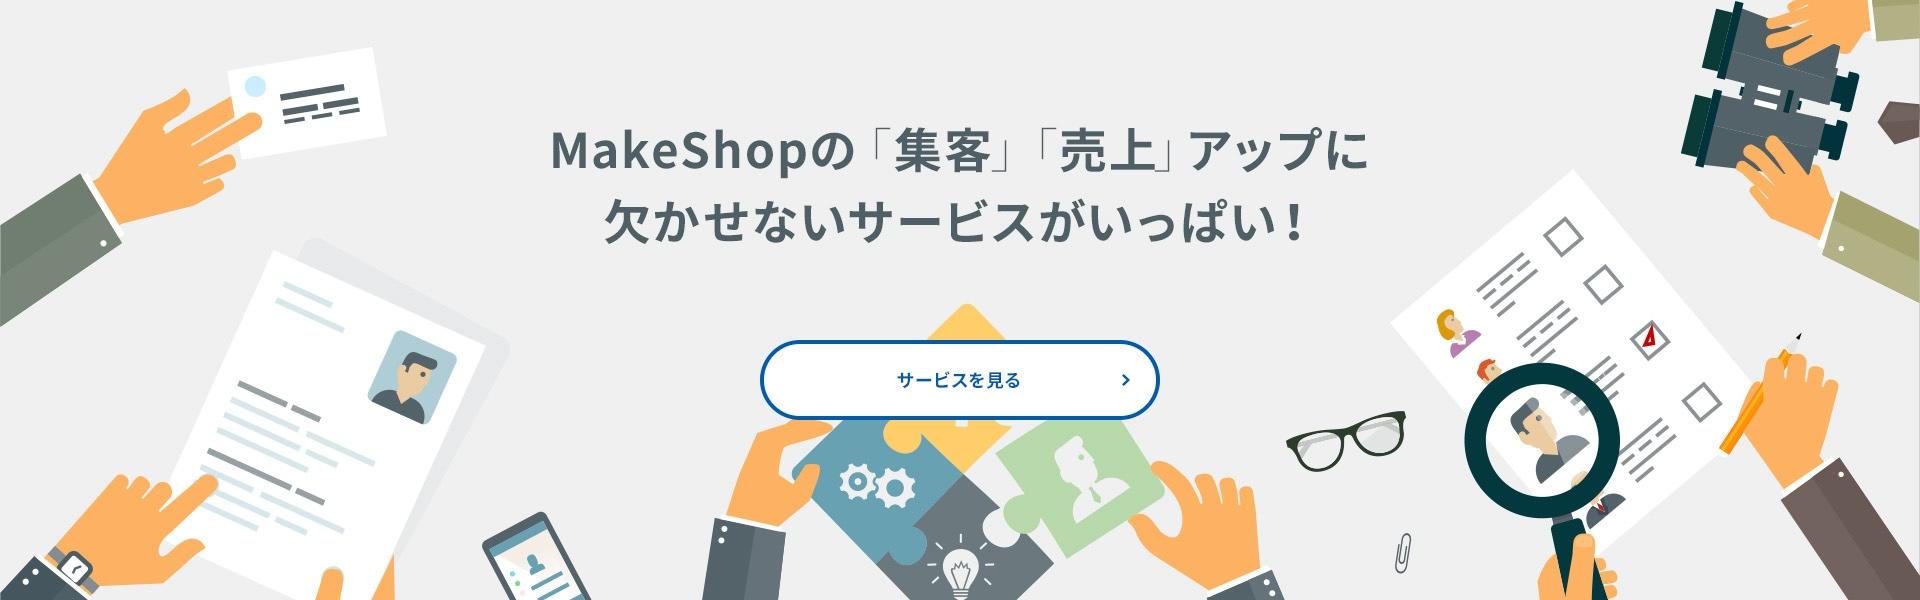 MakeShopの「集客」「売上」アップに欠かせないサービスがいっぱい!